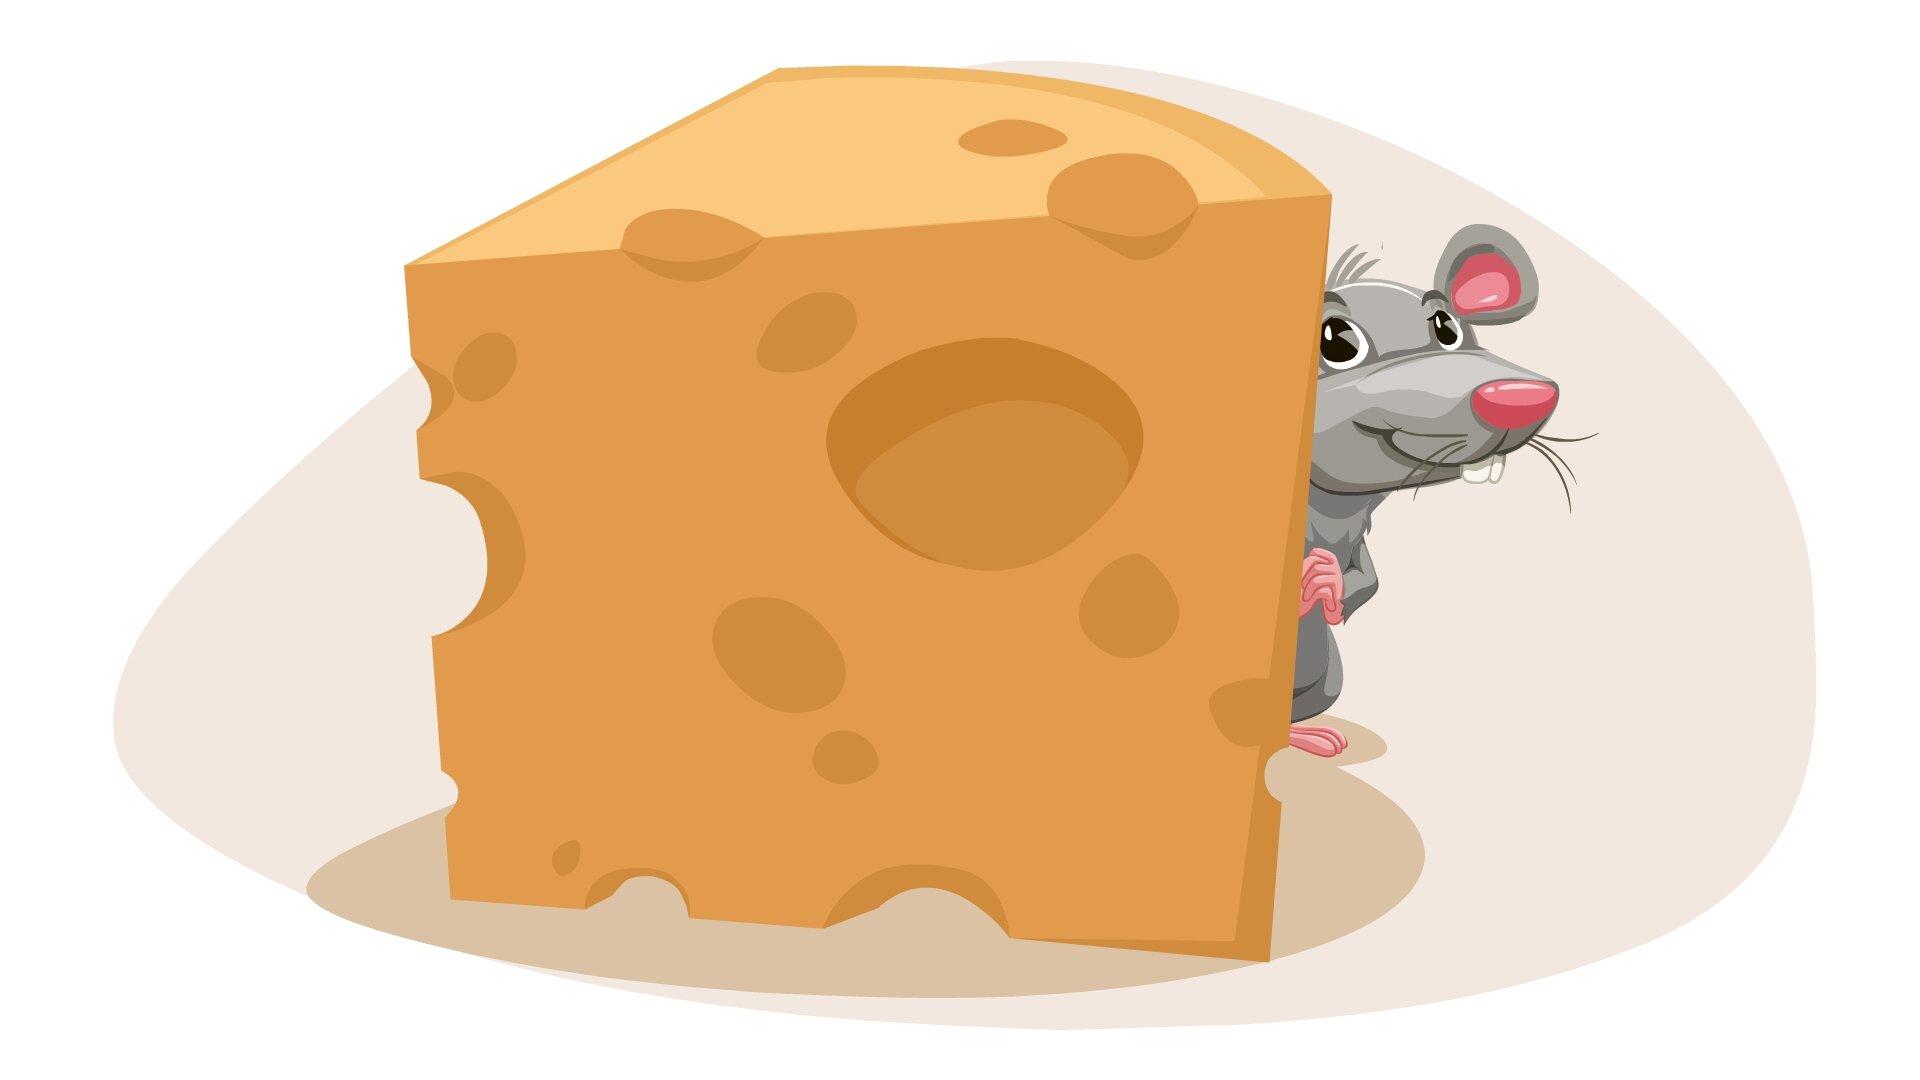 Ilustracja przedstawia mysz za serem.